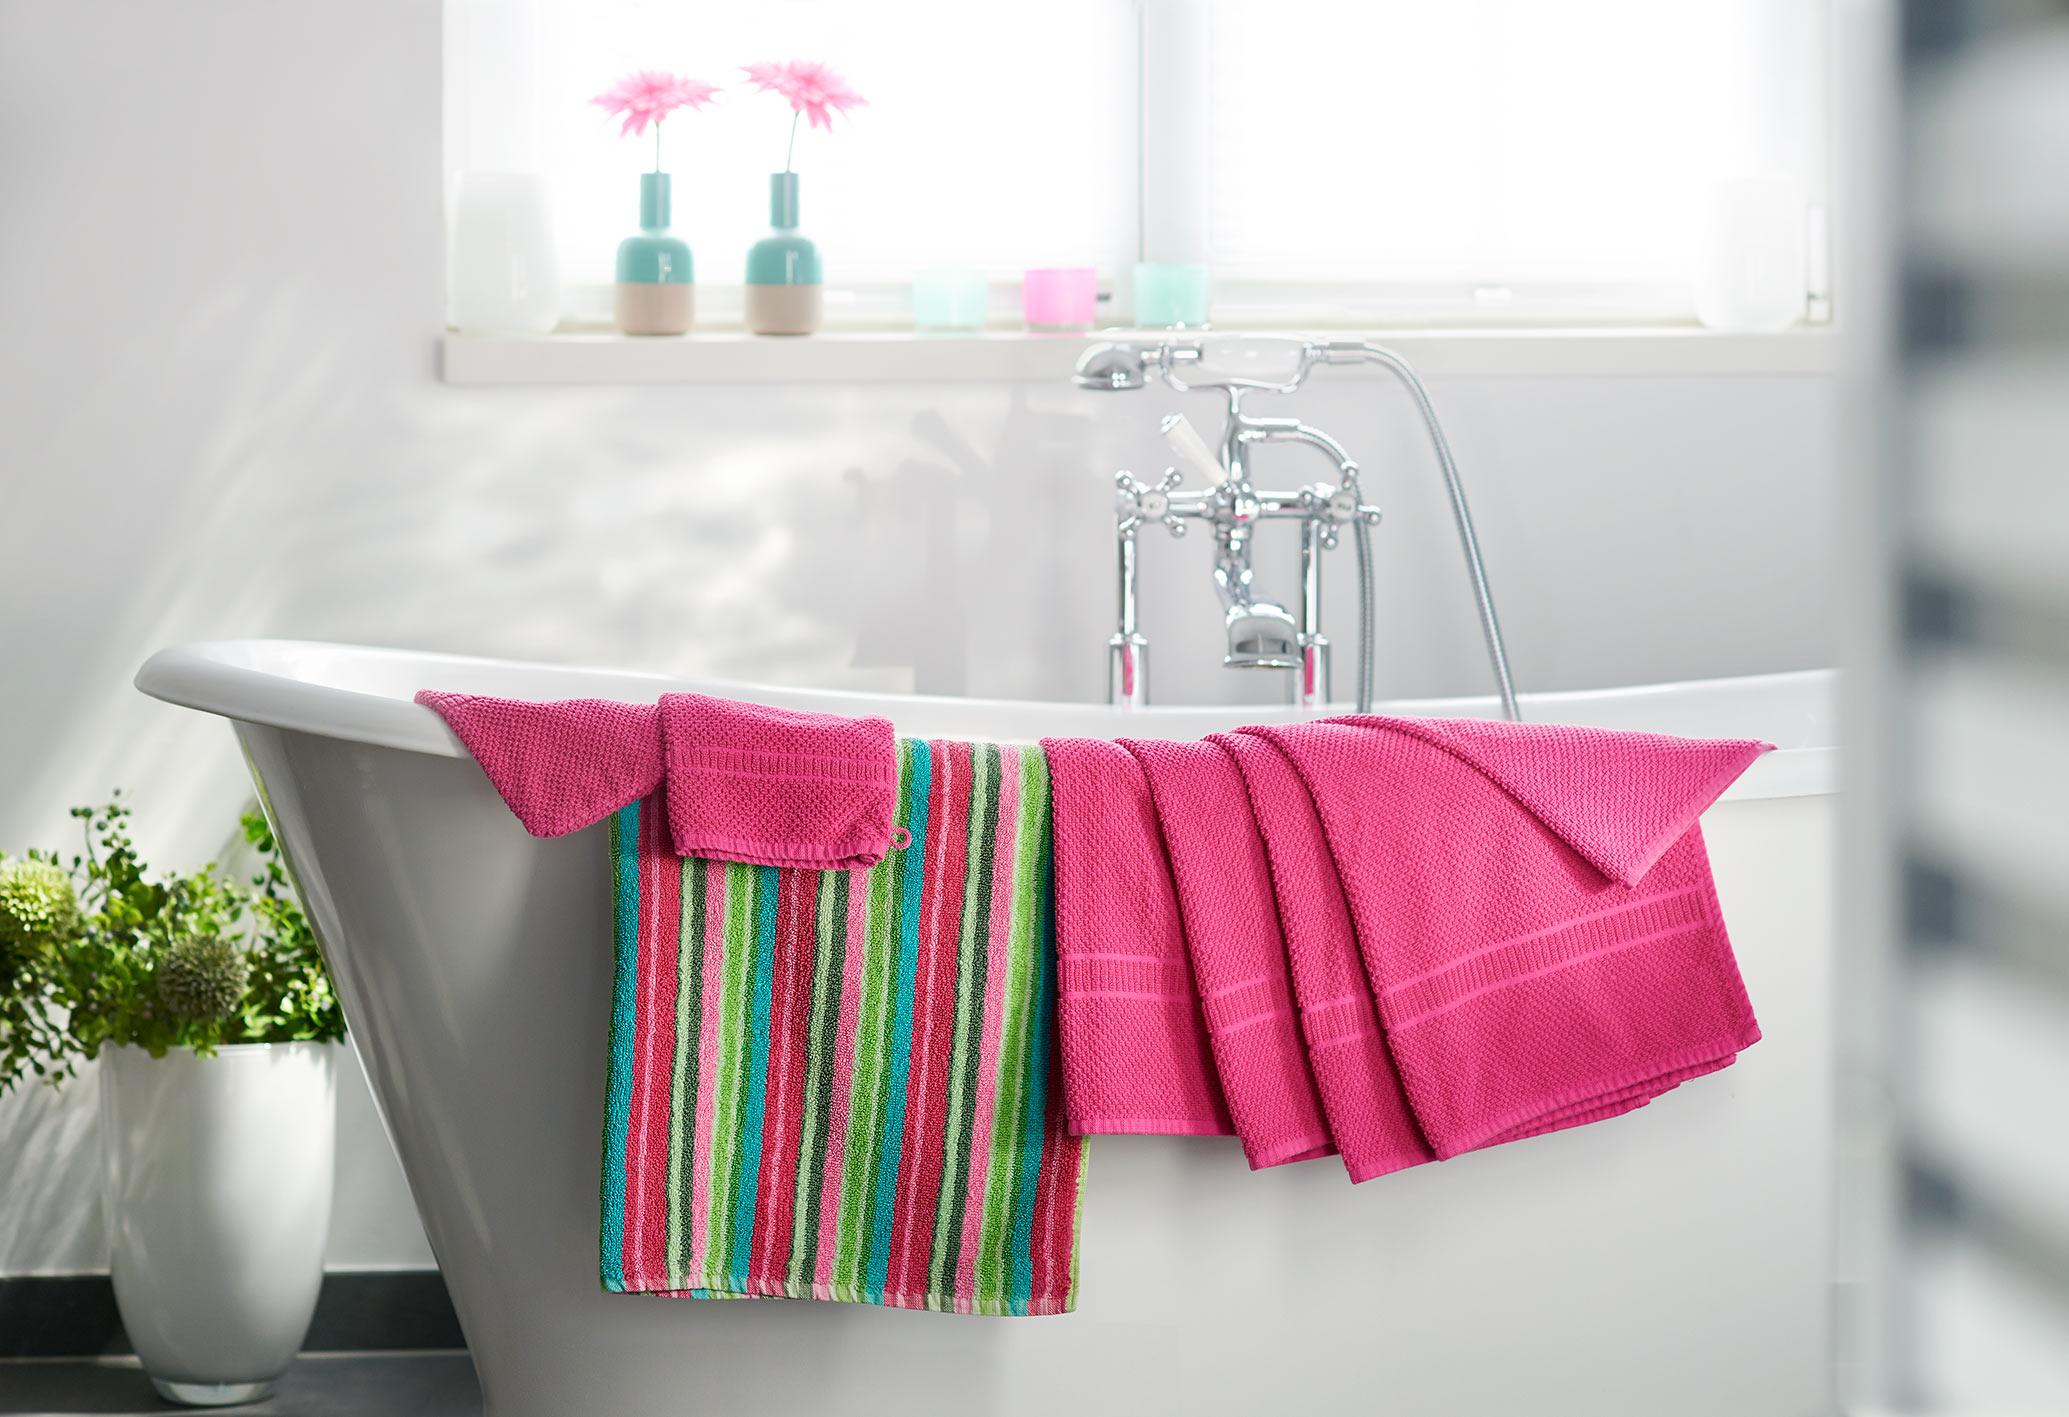 Home Living Dekoration Schoener Wohnen Bunte Handt Cher Auf Badewanne